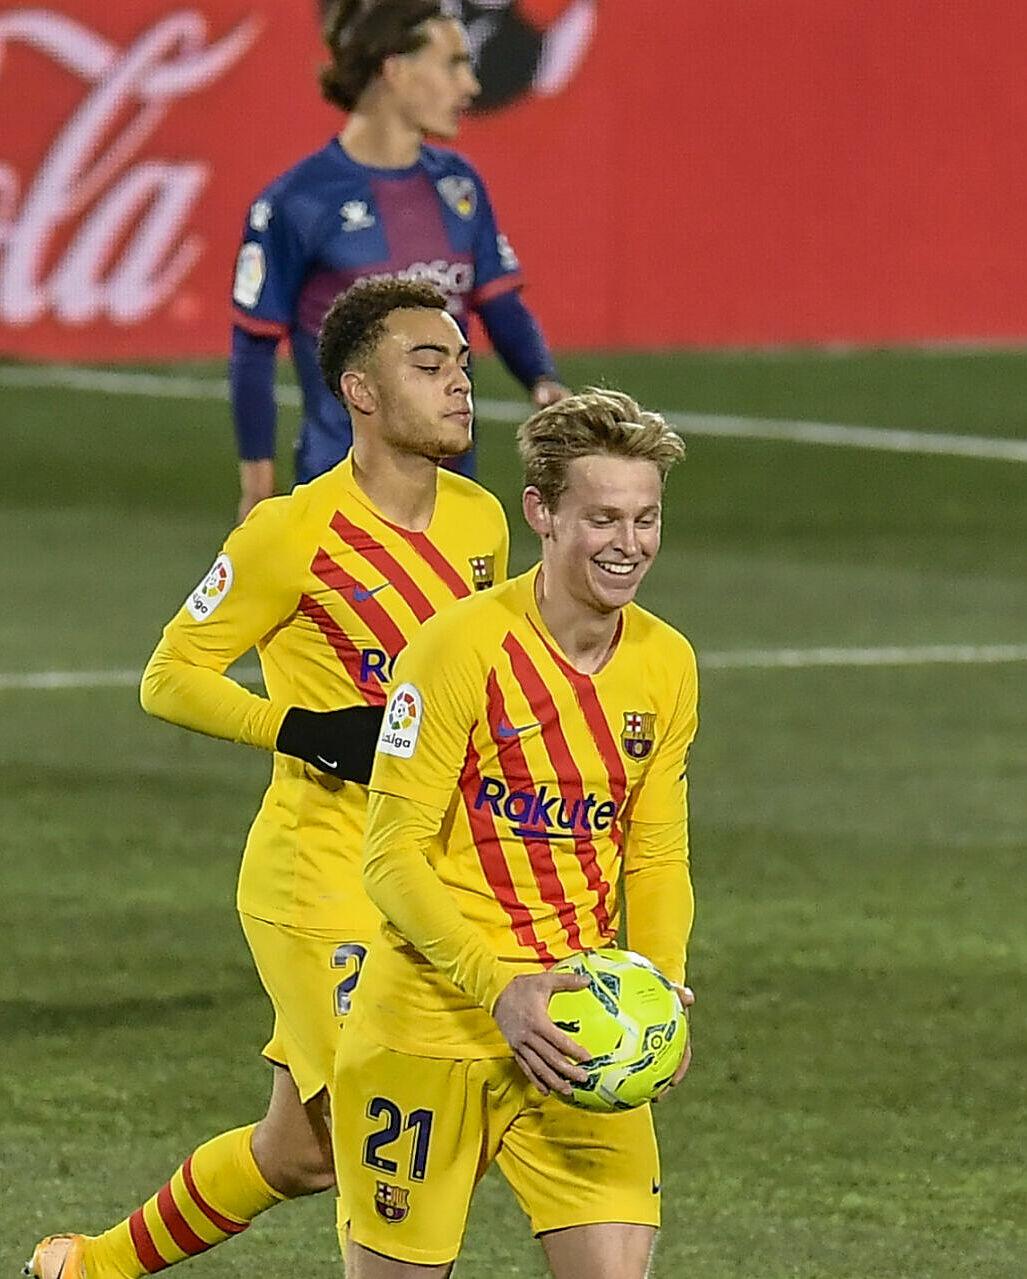 De Jong senang setelah mencetak satu-satunya gol untuk Barca di Huesca pada 3 Januari.  Foto: AP